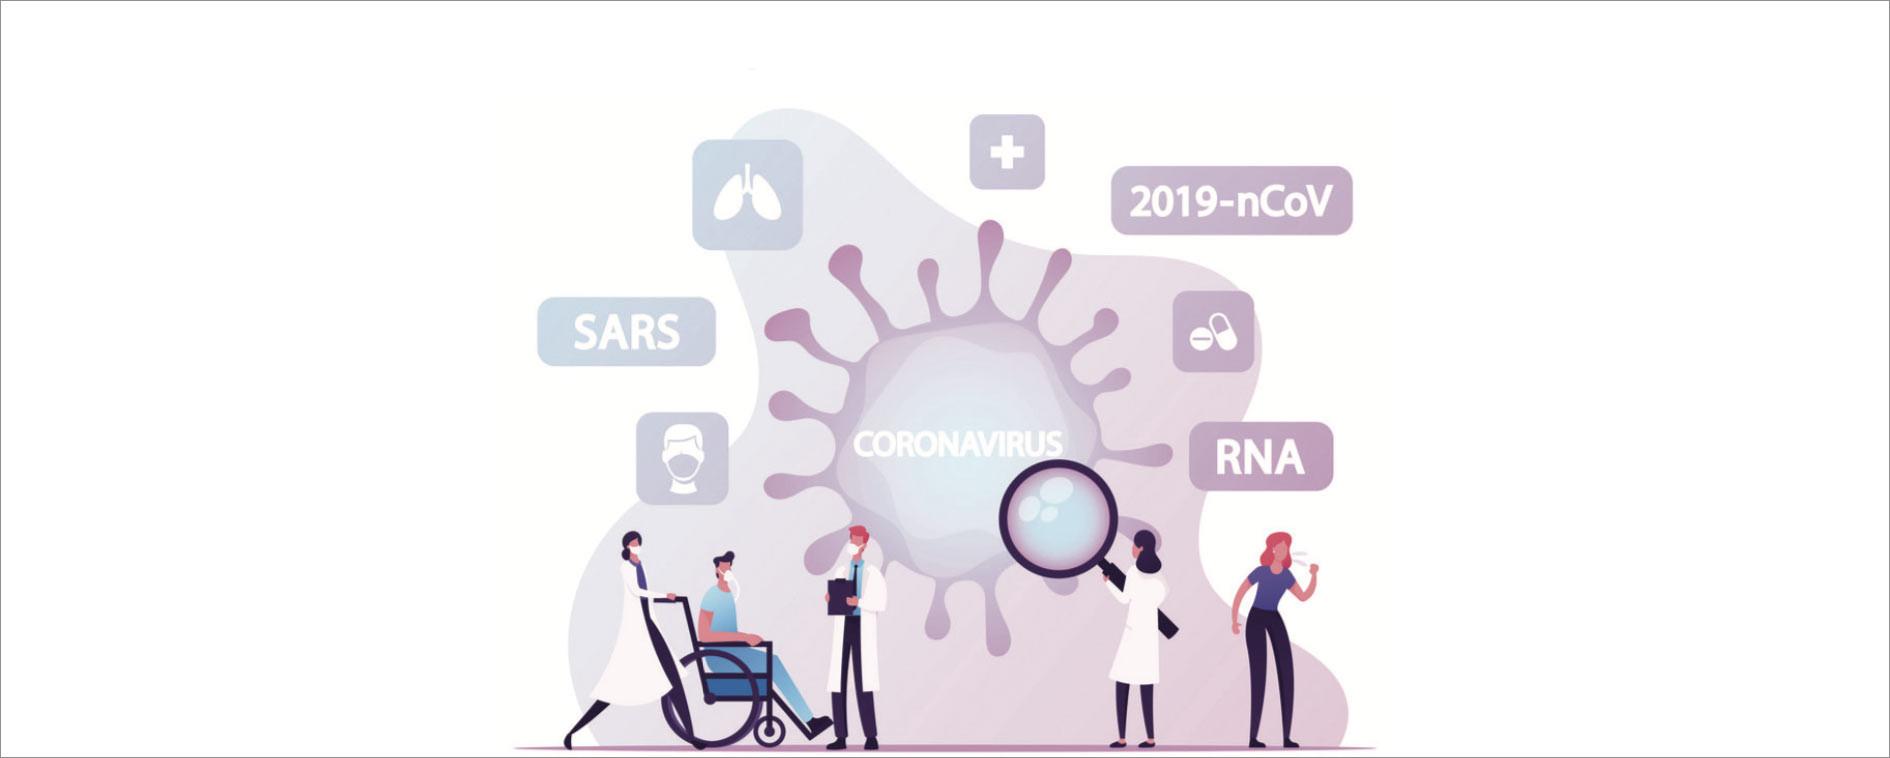 دستورالعمل مراقب از خود و دیگران در «مطب»، در برابر کروناویروس جدید